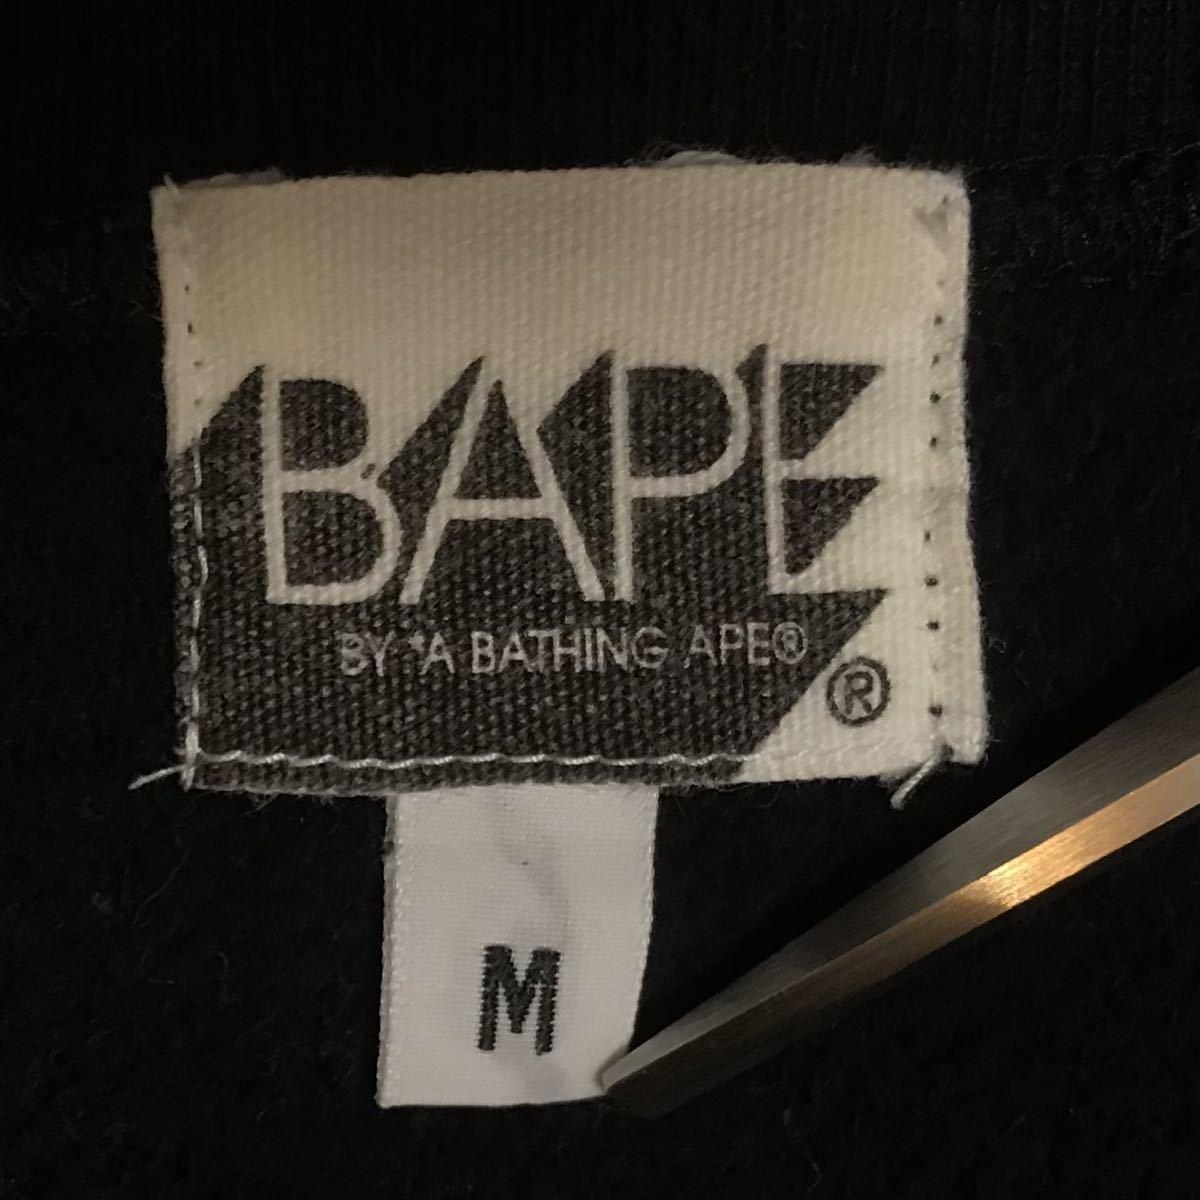 ★レア★ KISS logo 長袖スウェット Mサイズ a bathing ape bape エイプ ベイプ アベイシングエイプ nigo black 1336